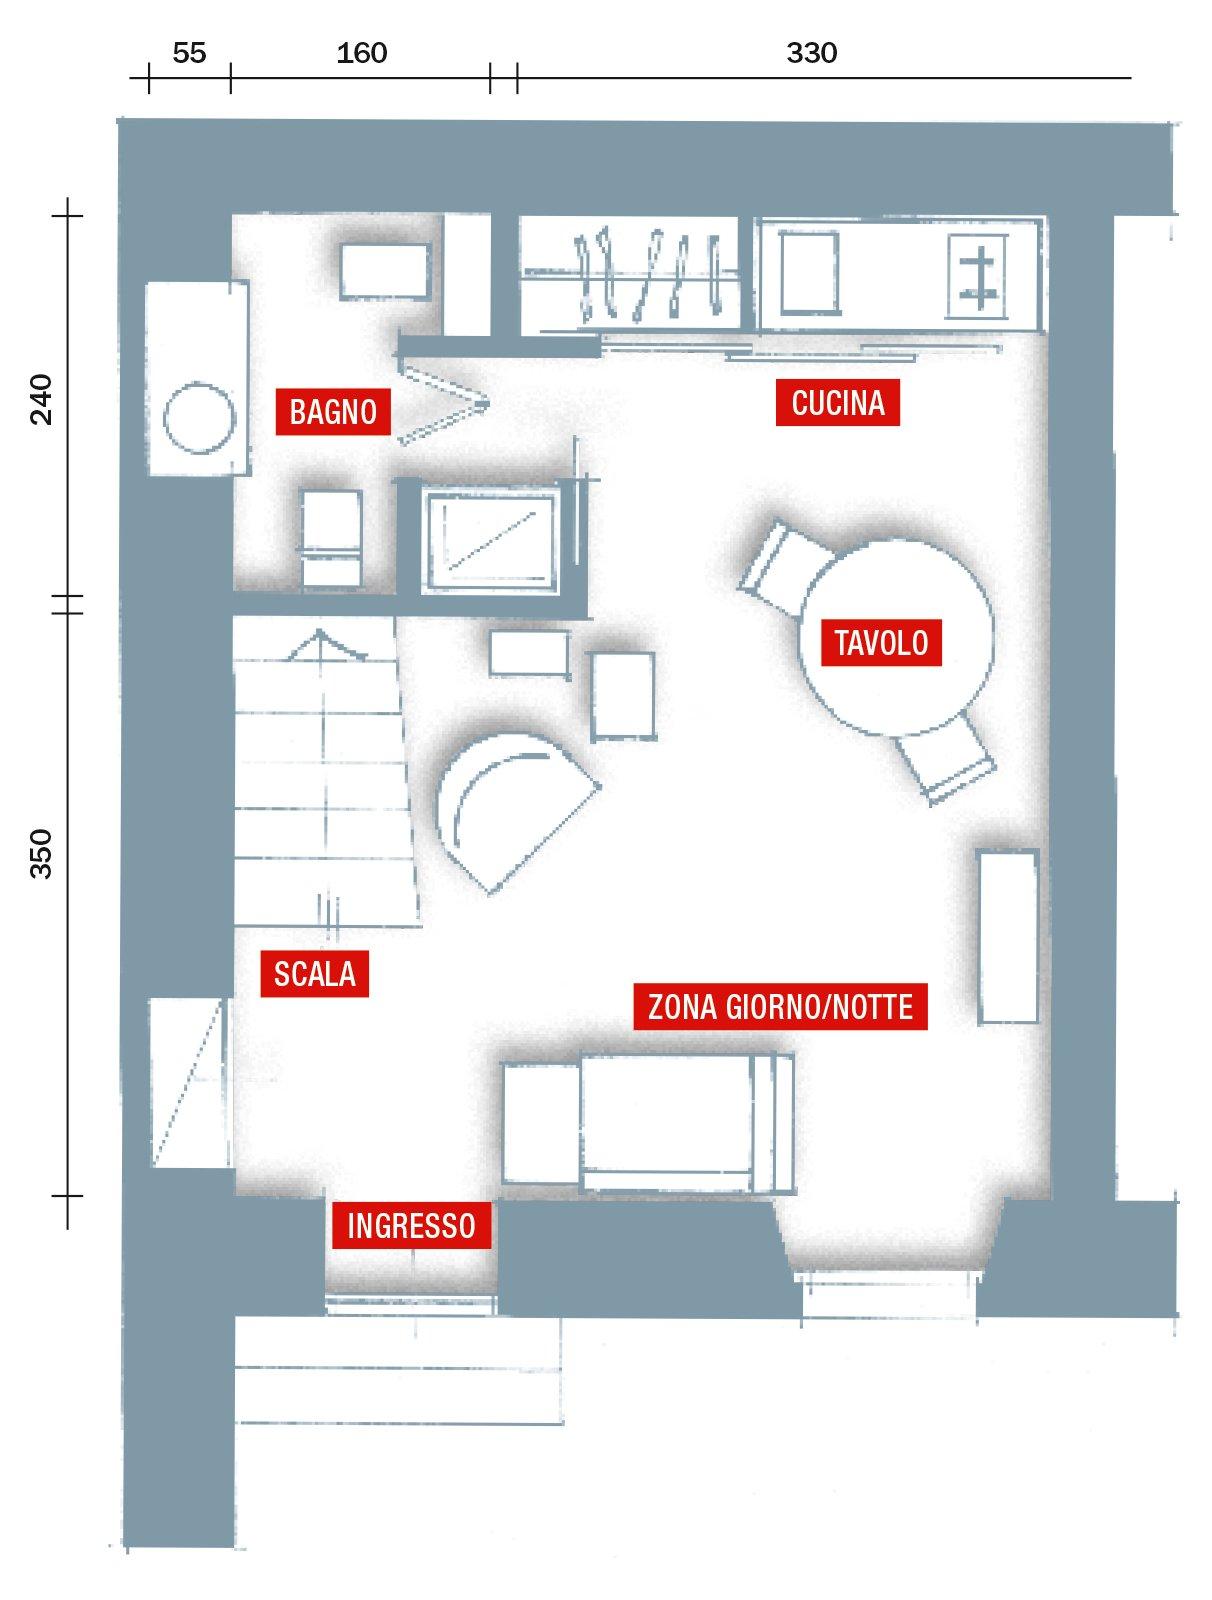 Monolocale una casa di 30 mq risolta al centimetro cose for Piccoli progetti di casa gratuiti